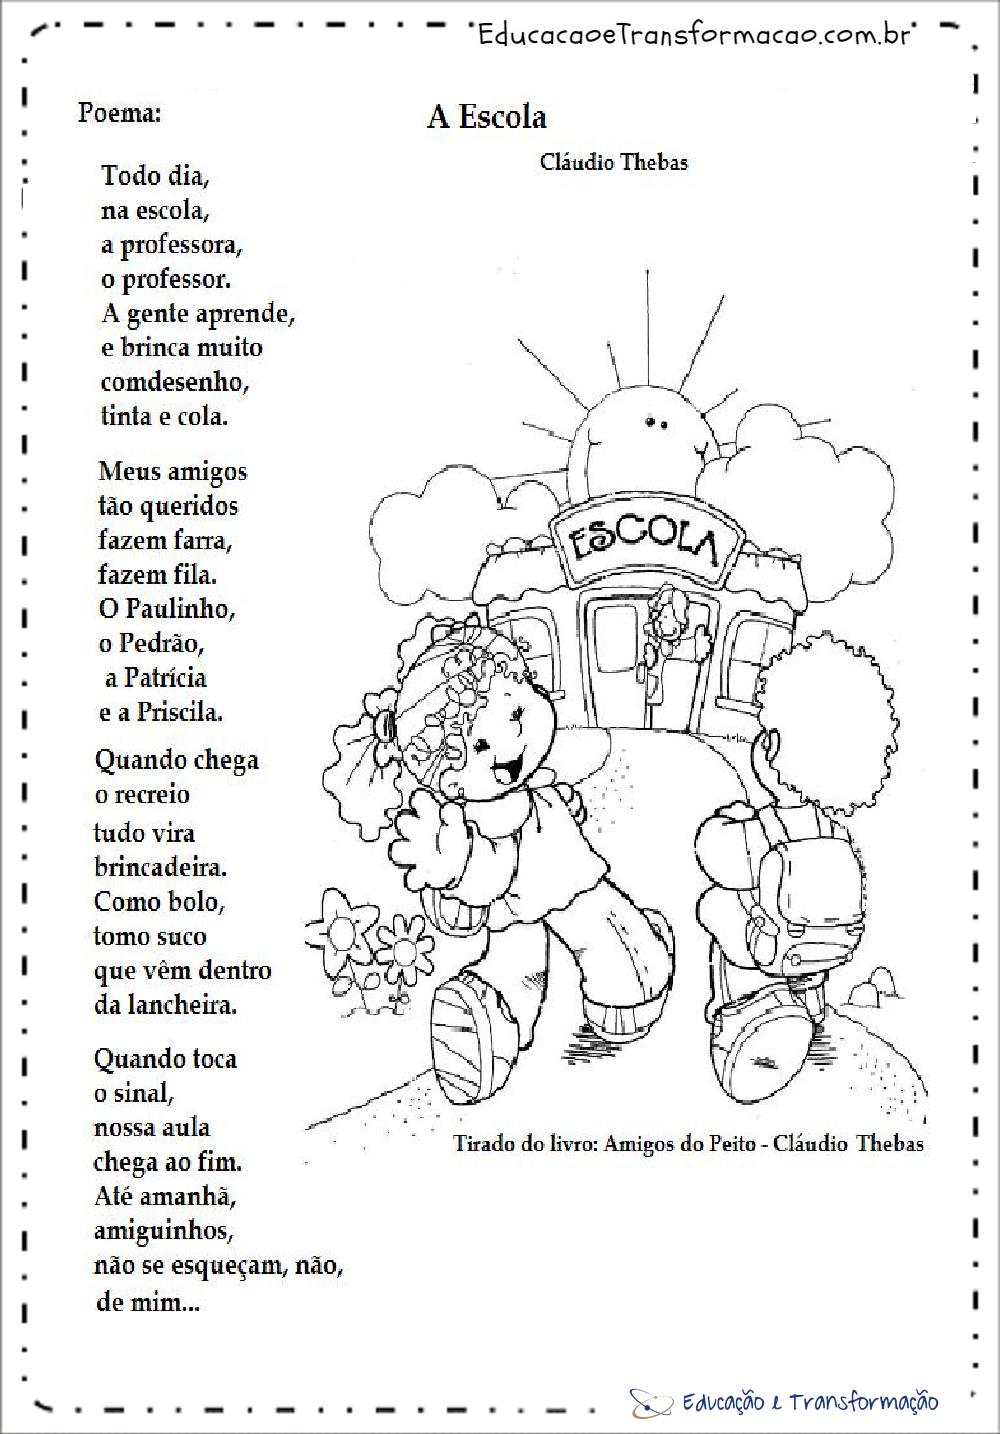 Poemas para o Dia da Escola - 15 de Março